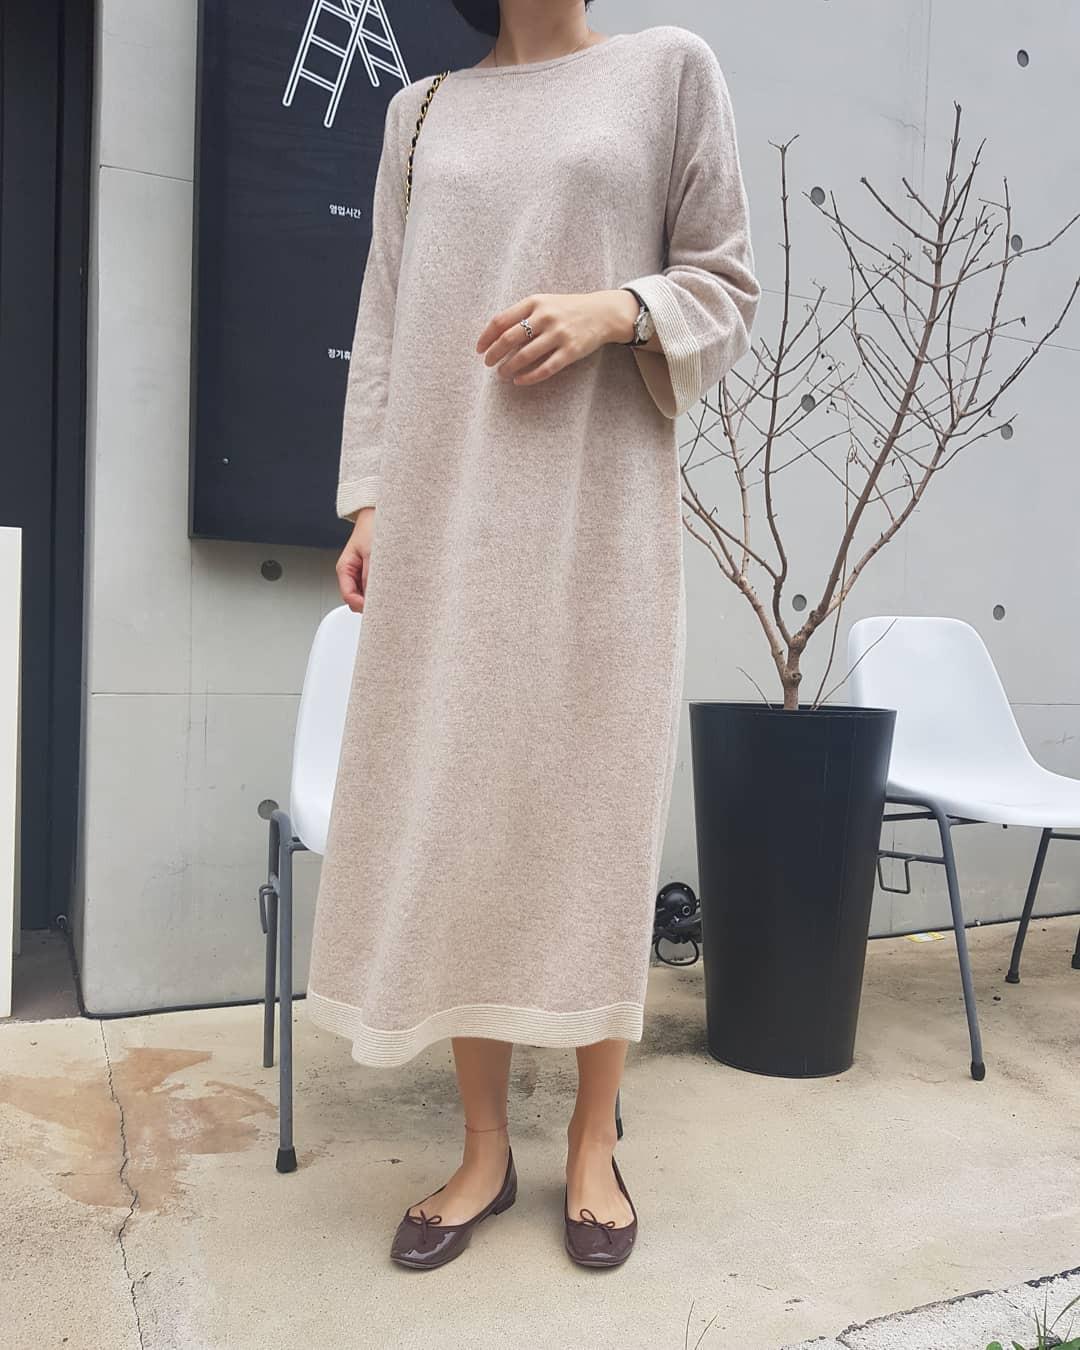 Váy dệt kim – chiếc váy mềm mại, đầy quyến rũ mà các nàng không thể làm ngơ trong những ngày trời se lạnh - 10